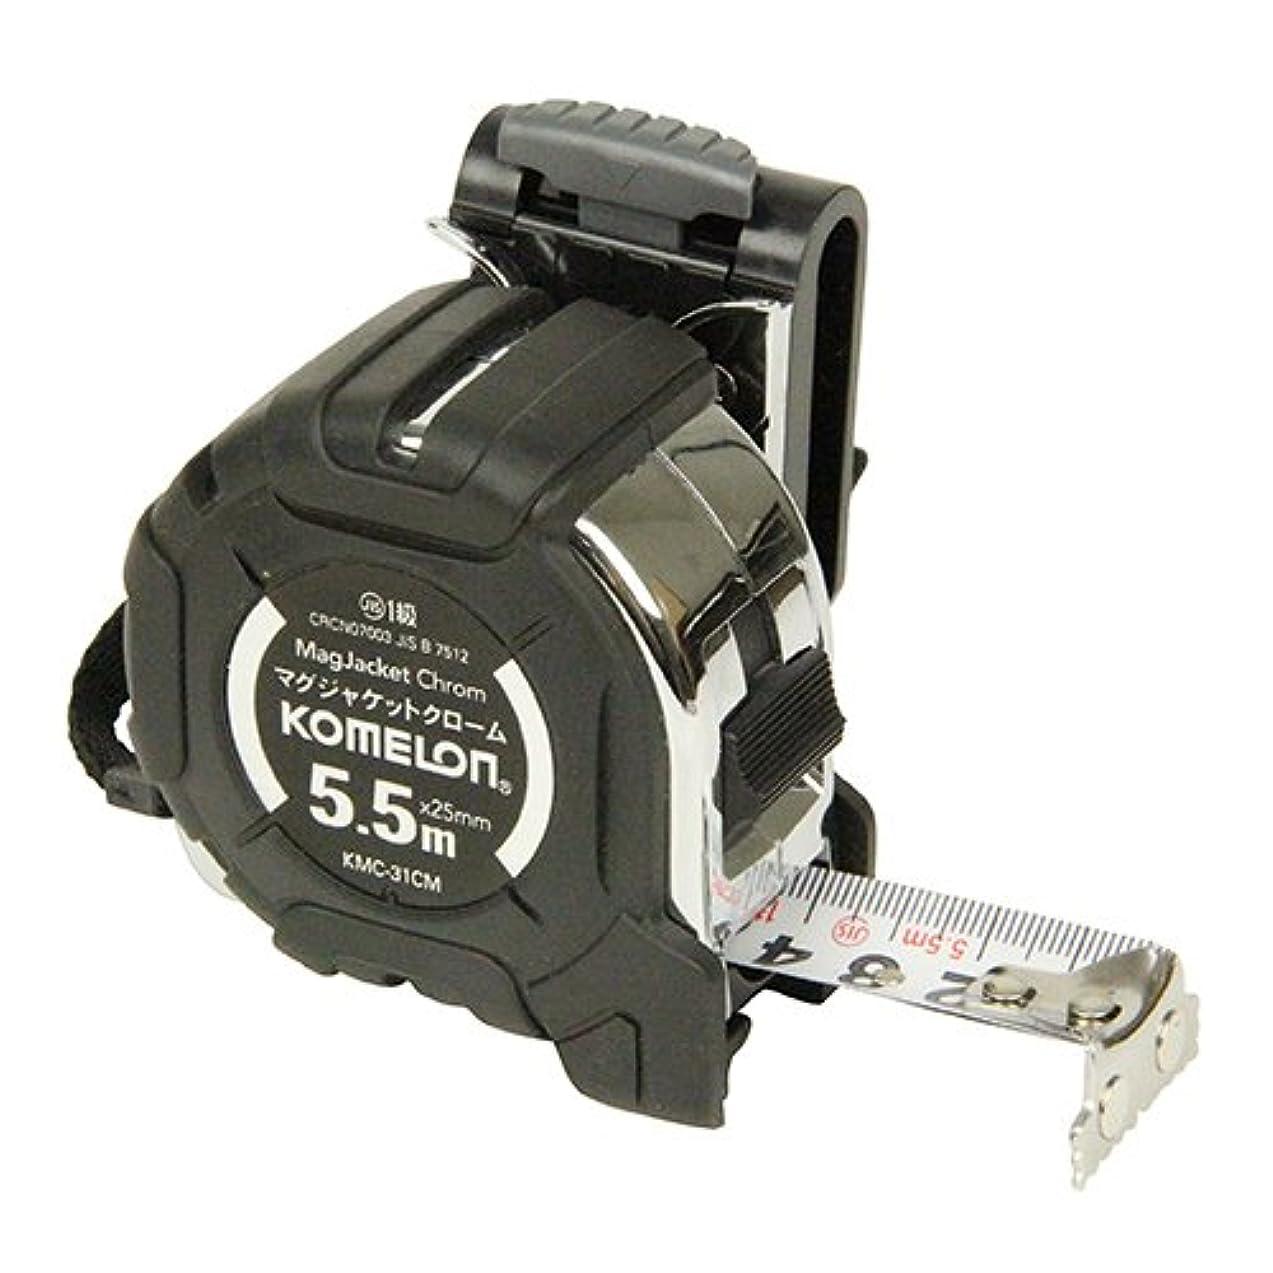 連帯襟航空コメロン コンベックス マグジャケットクローム 25 テープ幅25mm 5.5m ベルトホルダー付き KMC-31CML